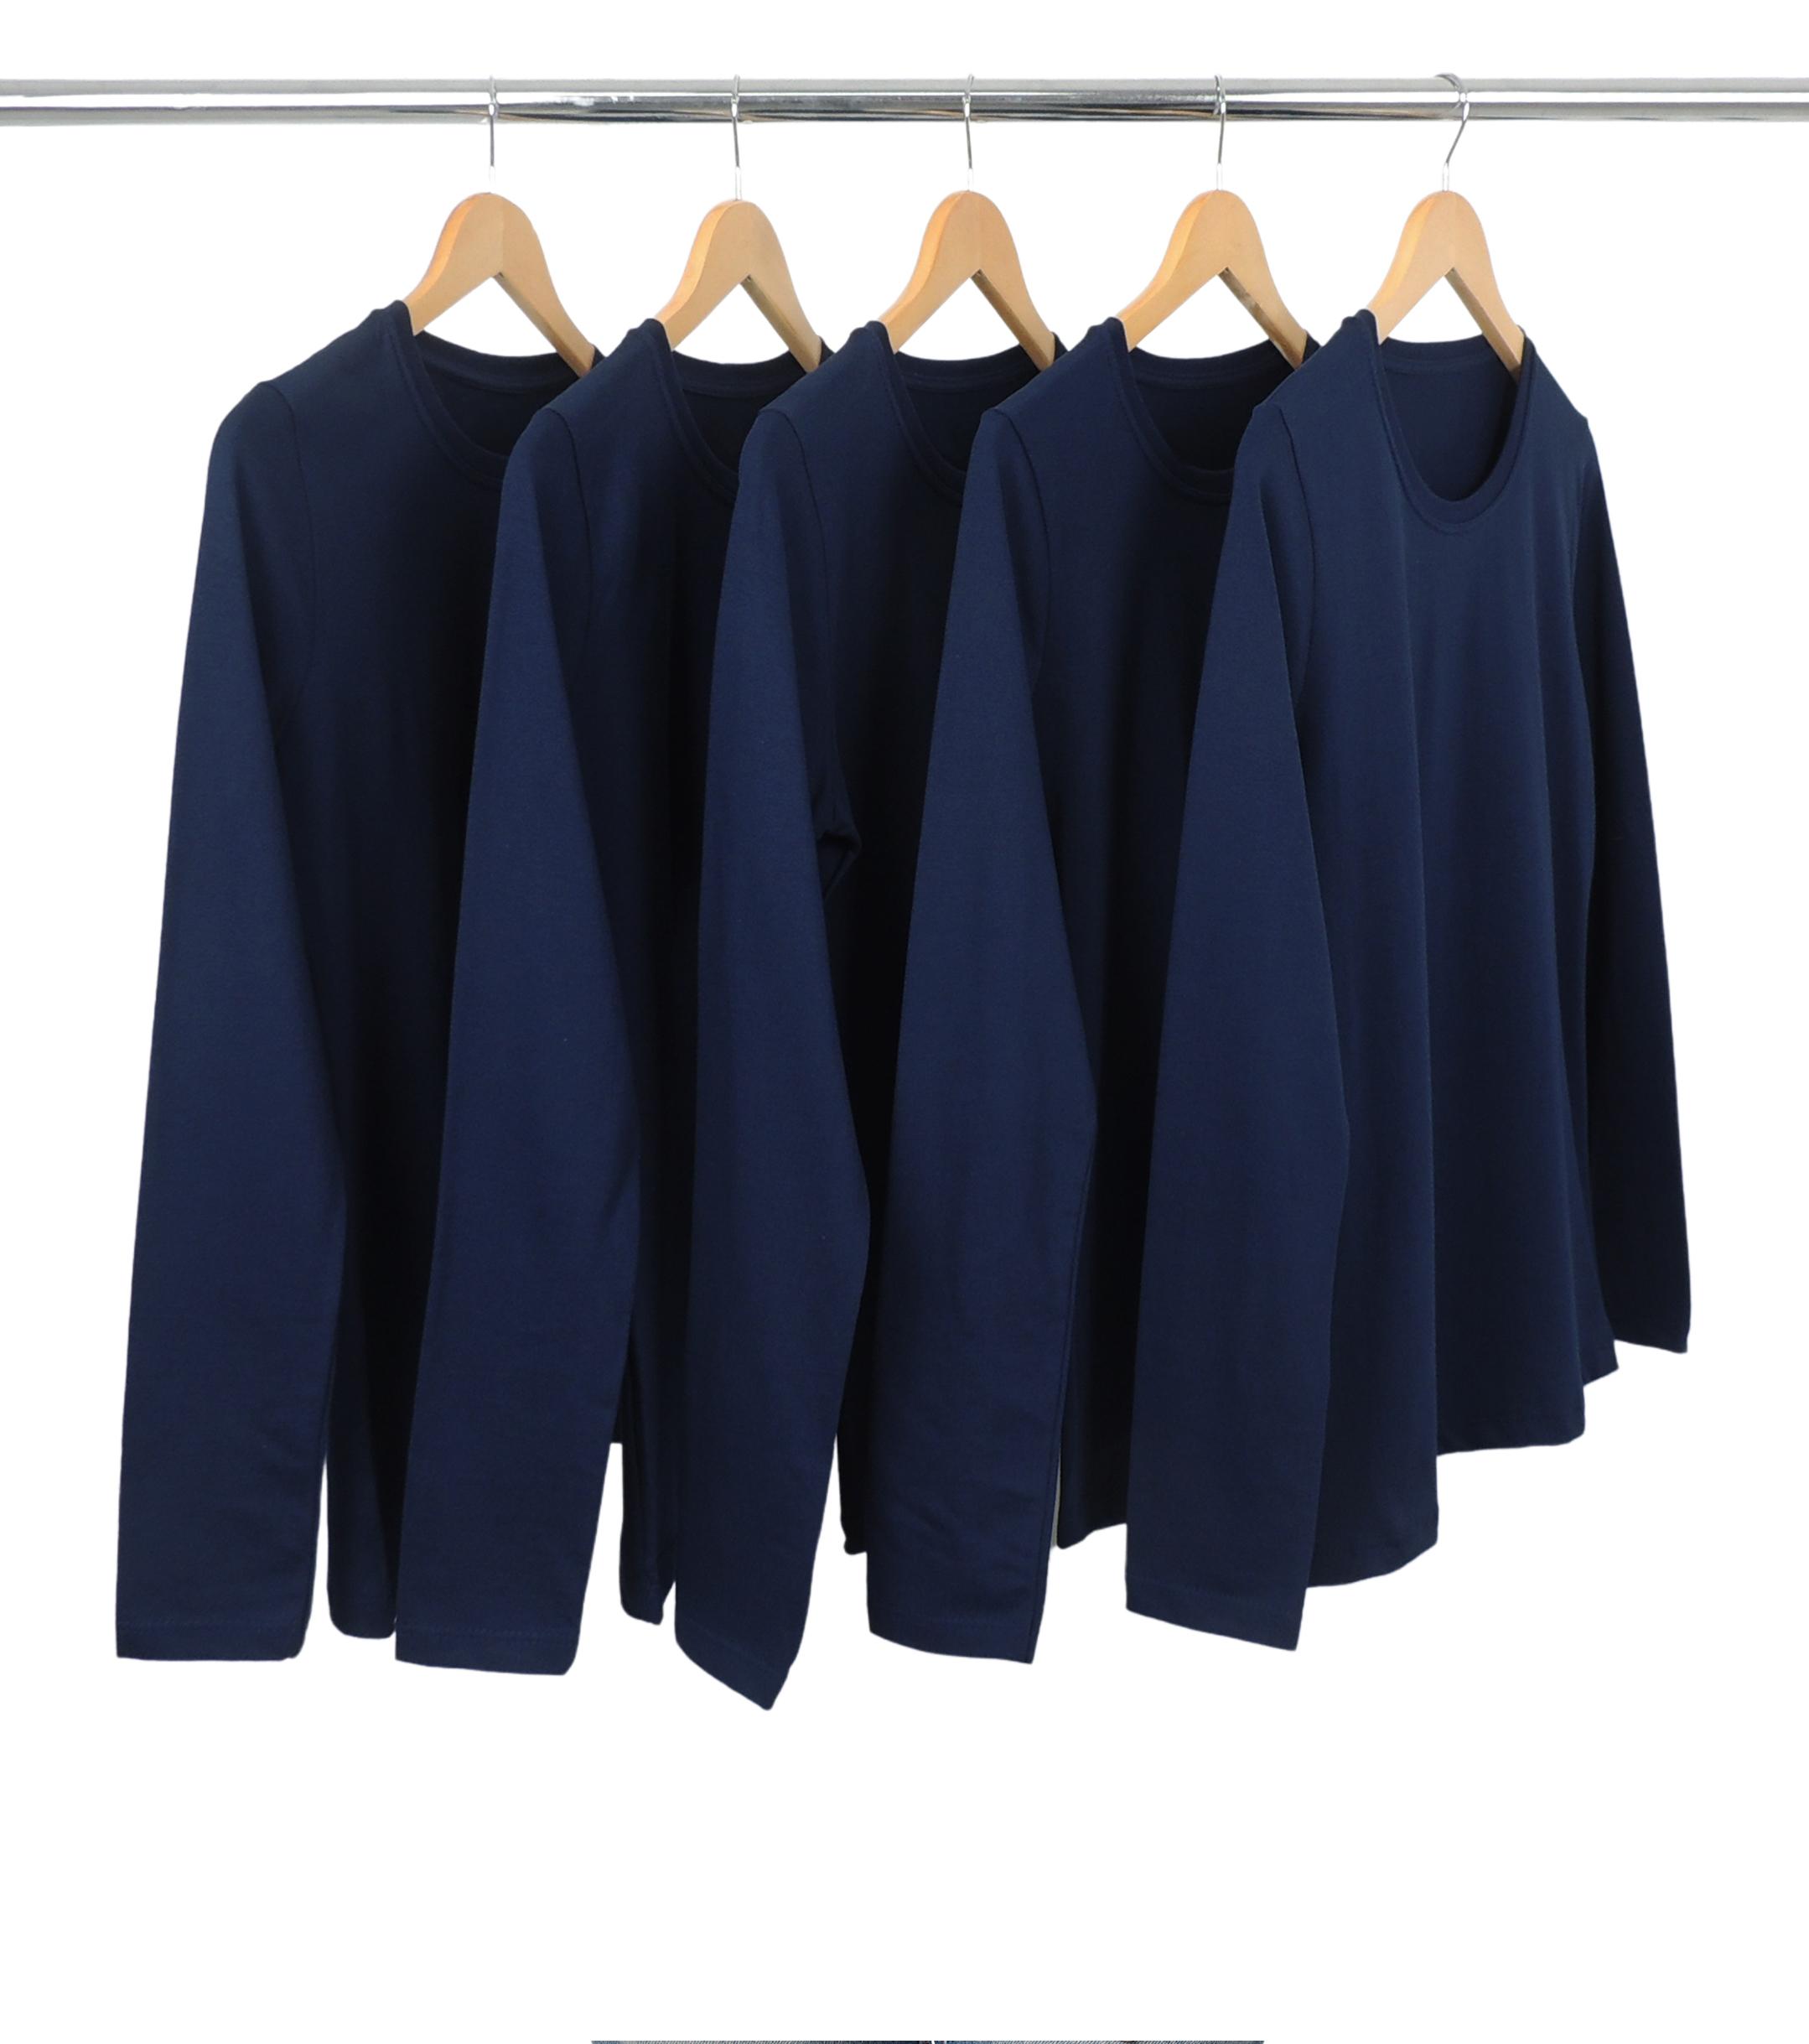 Kit 5 Camisetas Femininas Manga Longa de Algodão Premium Azul Marinho